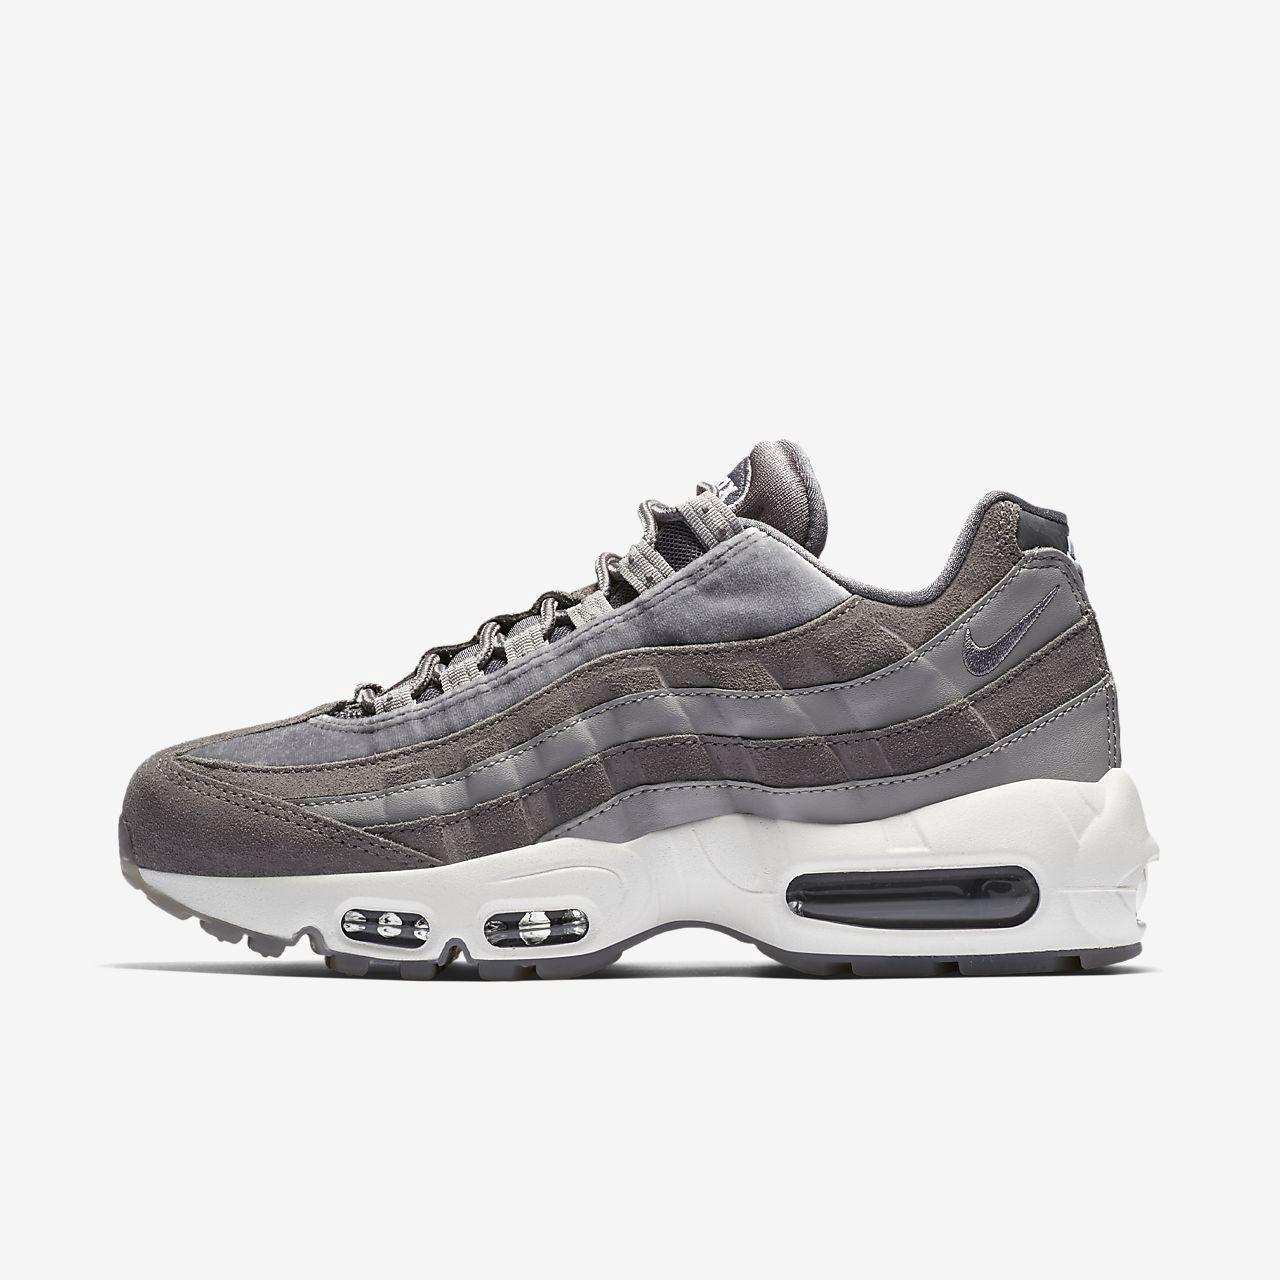 Nike Air Max 95 OG Sneaker grau liefert V38vOh9d pw